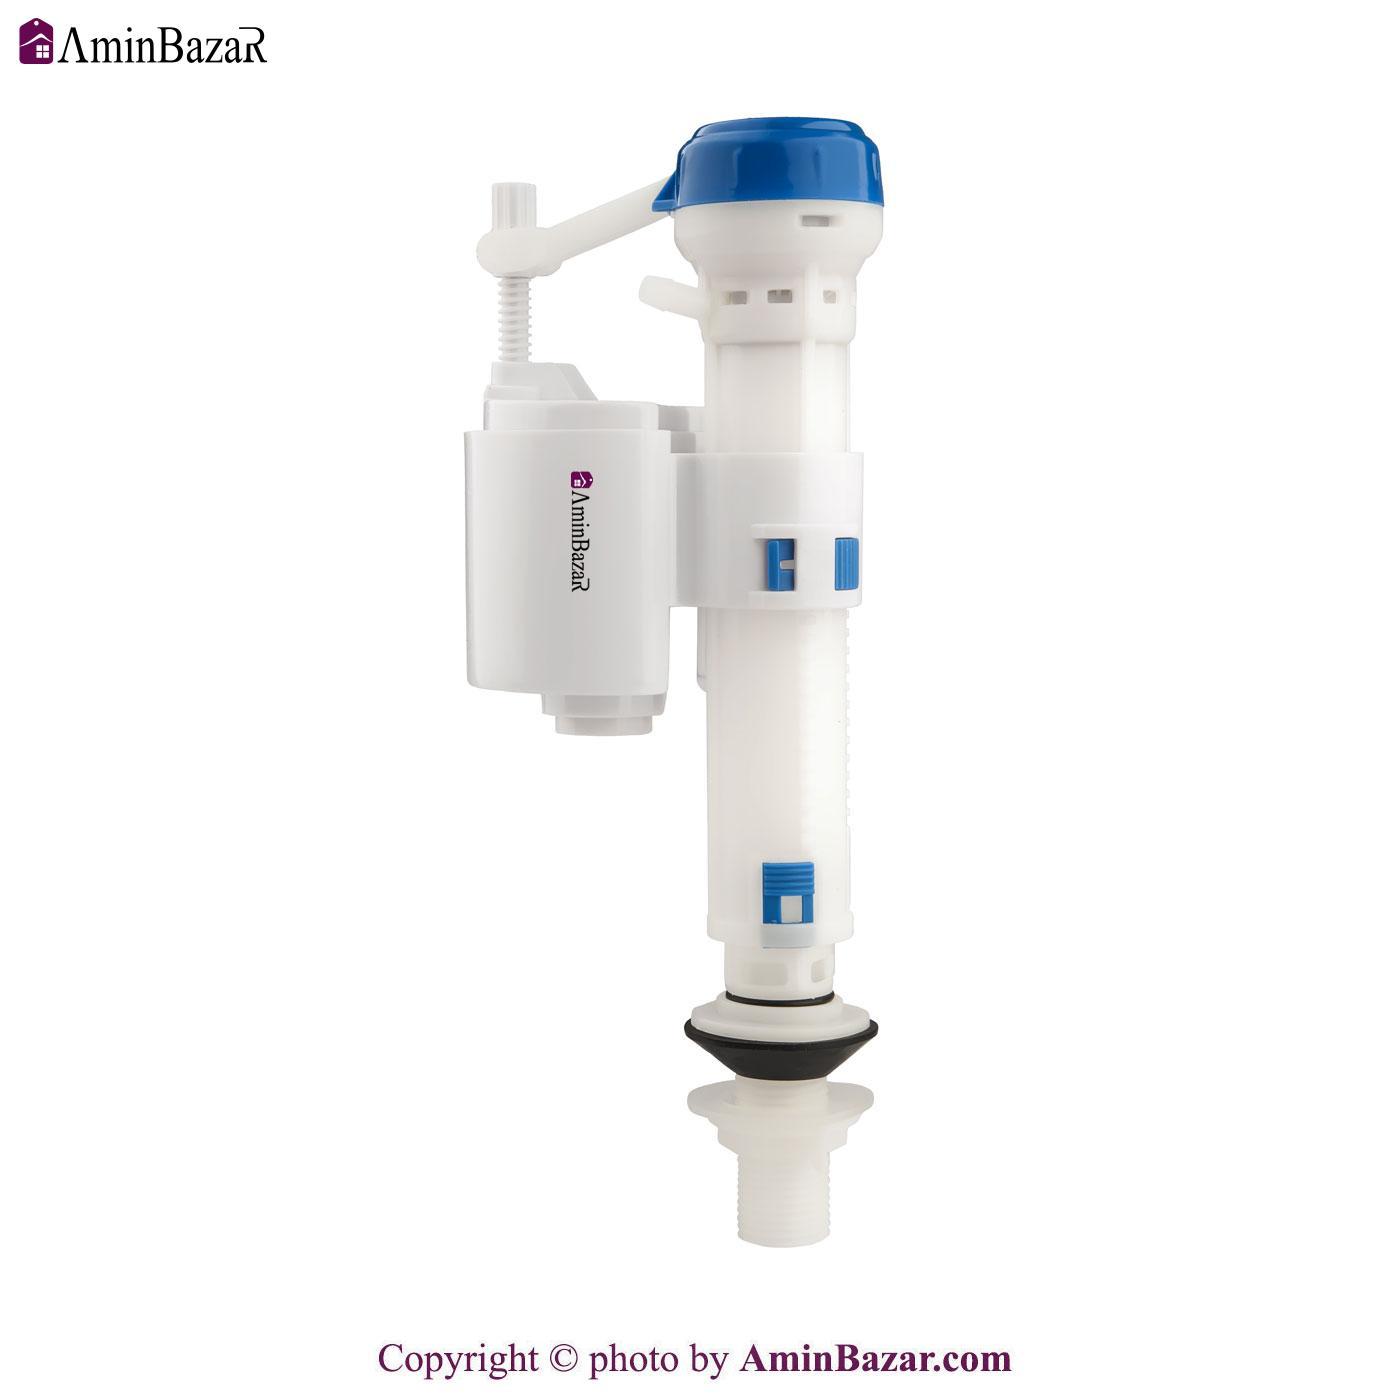 شیر شناور و فلوتر توالت فرنگی و فلاش تانک سنی پلاستیک با ورودی آب از کف مدل نیکا